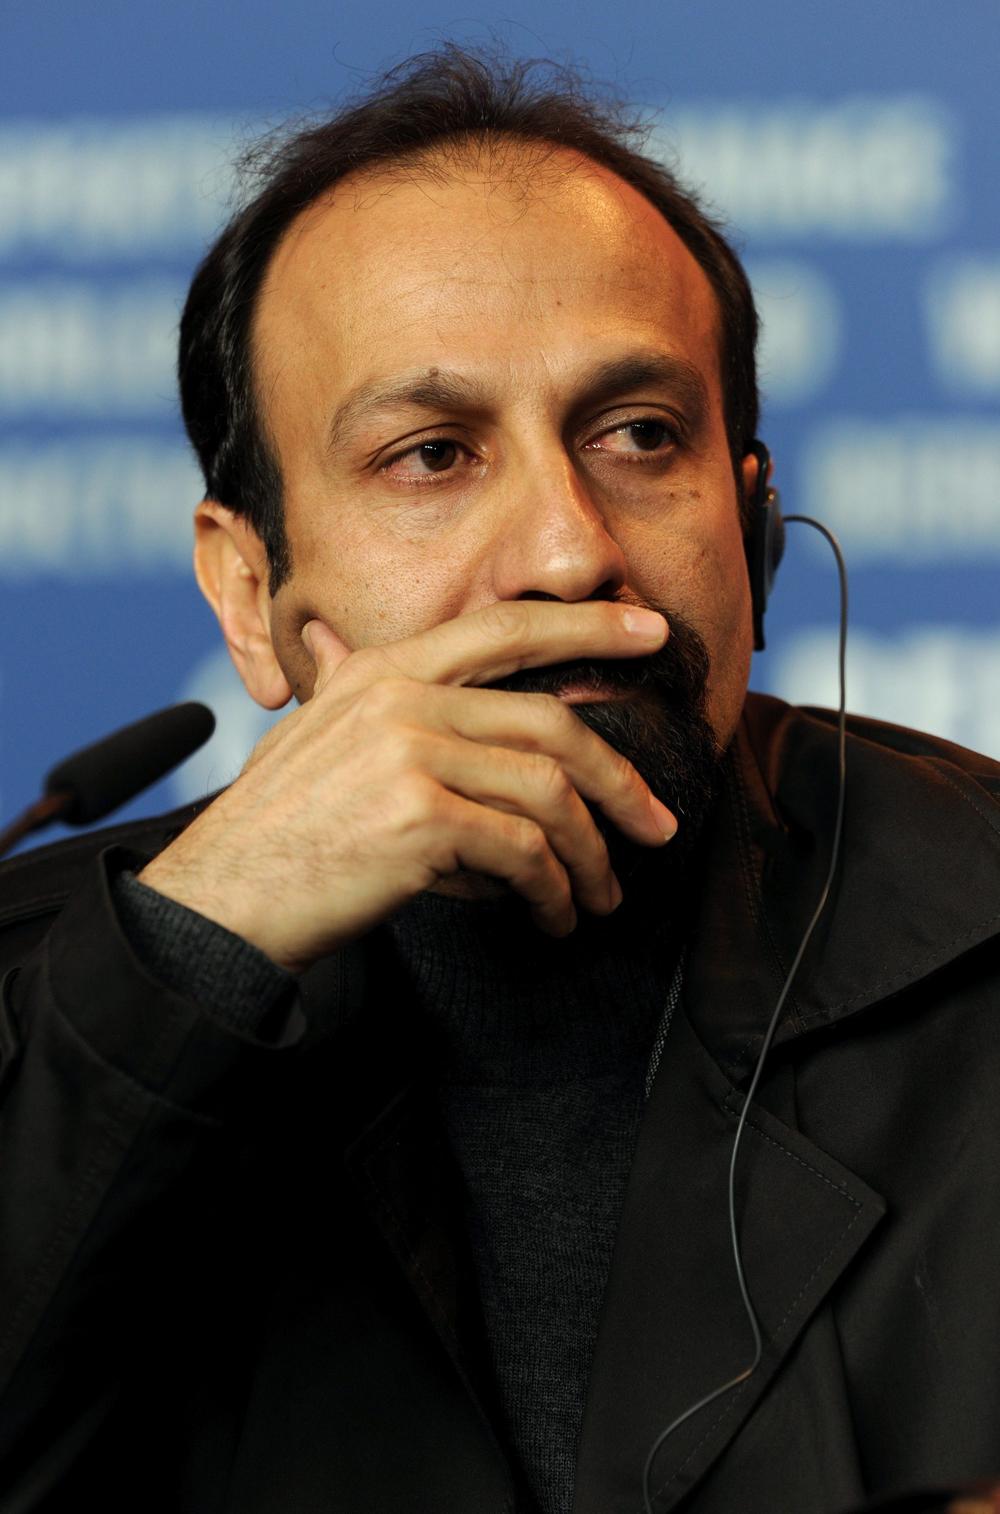 In foto Asghar Farhadi (46 anni) Dall'articolo: Non sempre le bugie sono immorali.